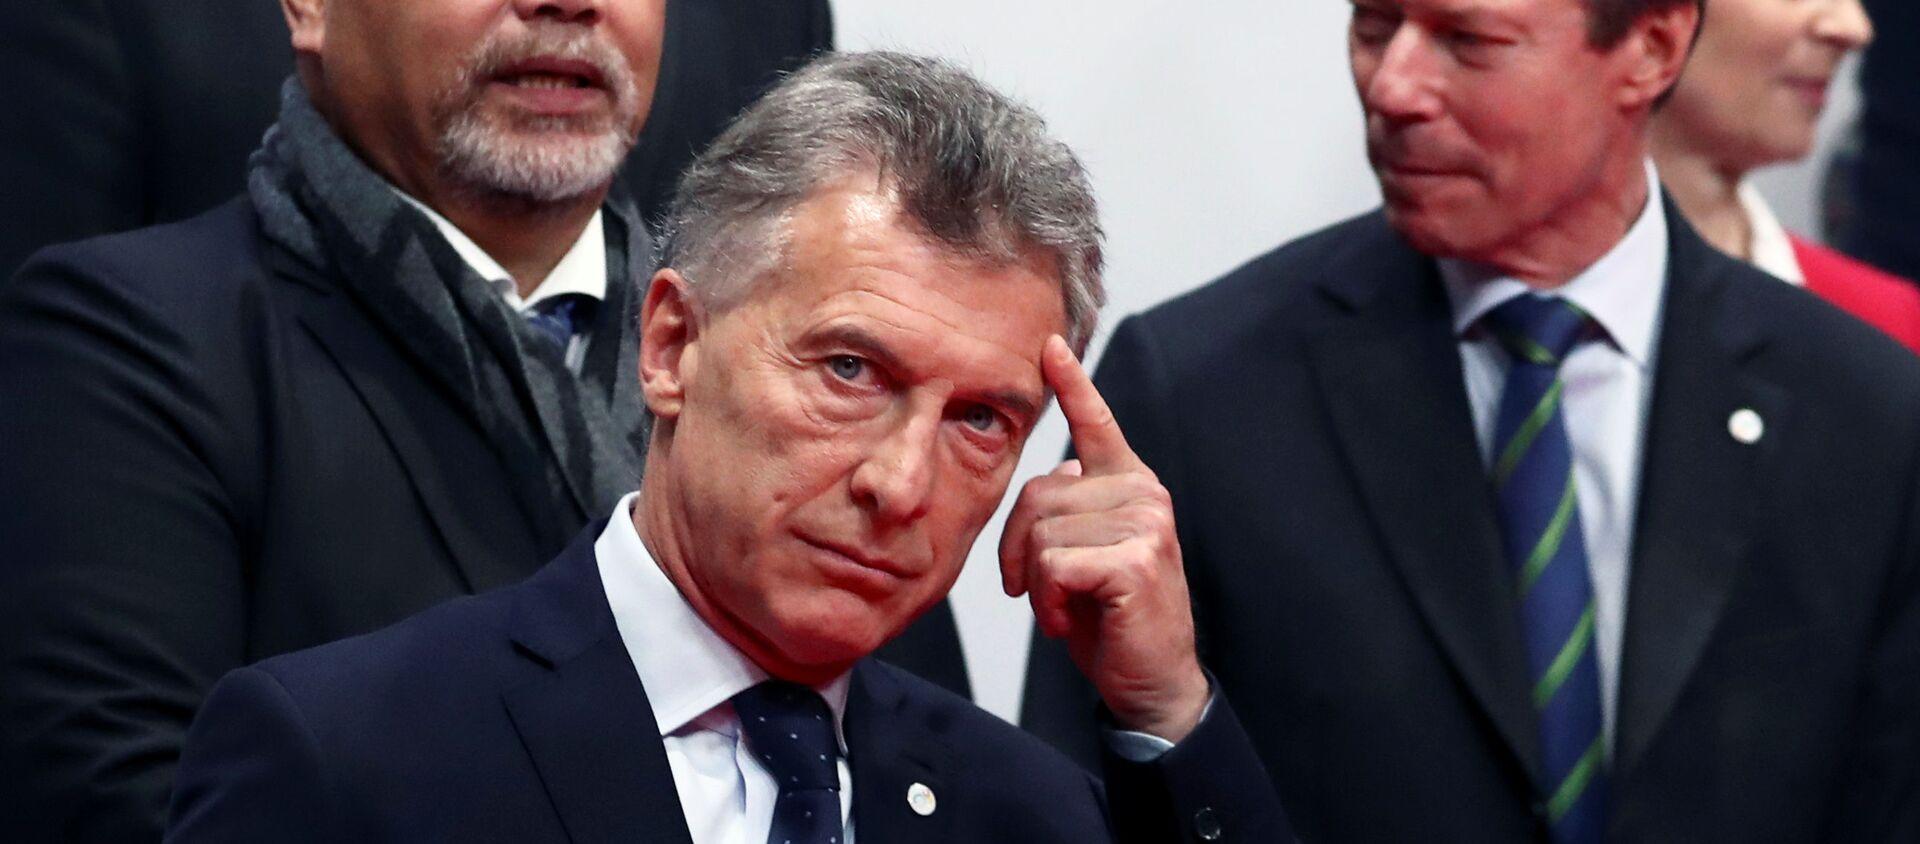 Mauricio Macri durante la Conferencia por el Cambio Climático en Madrid, España - Sputnik Mundo, 1920, 09.12.2019